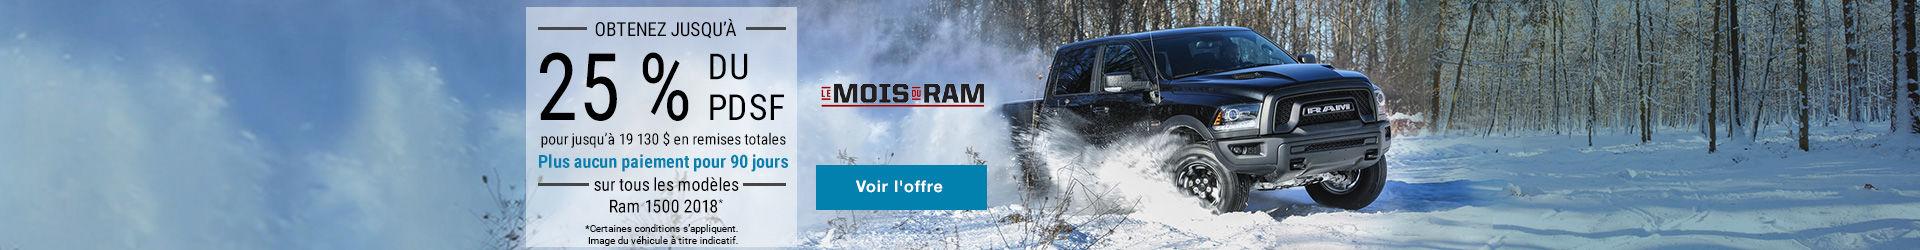 L'événement RAM